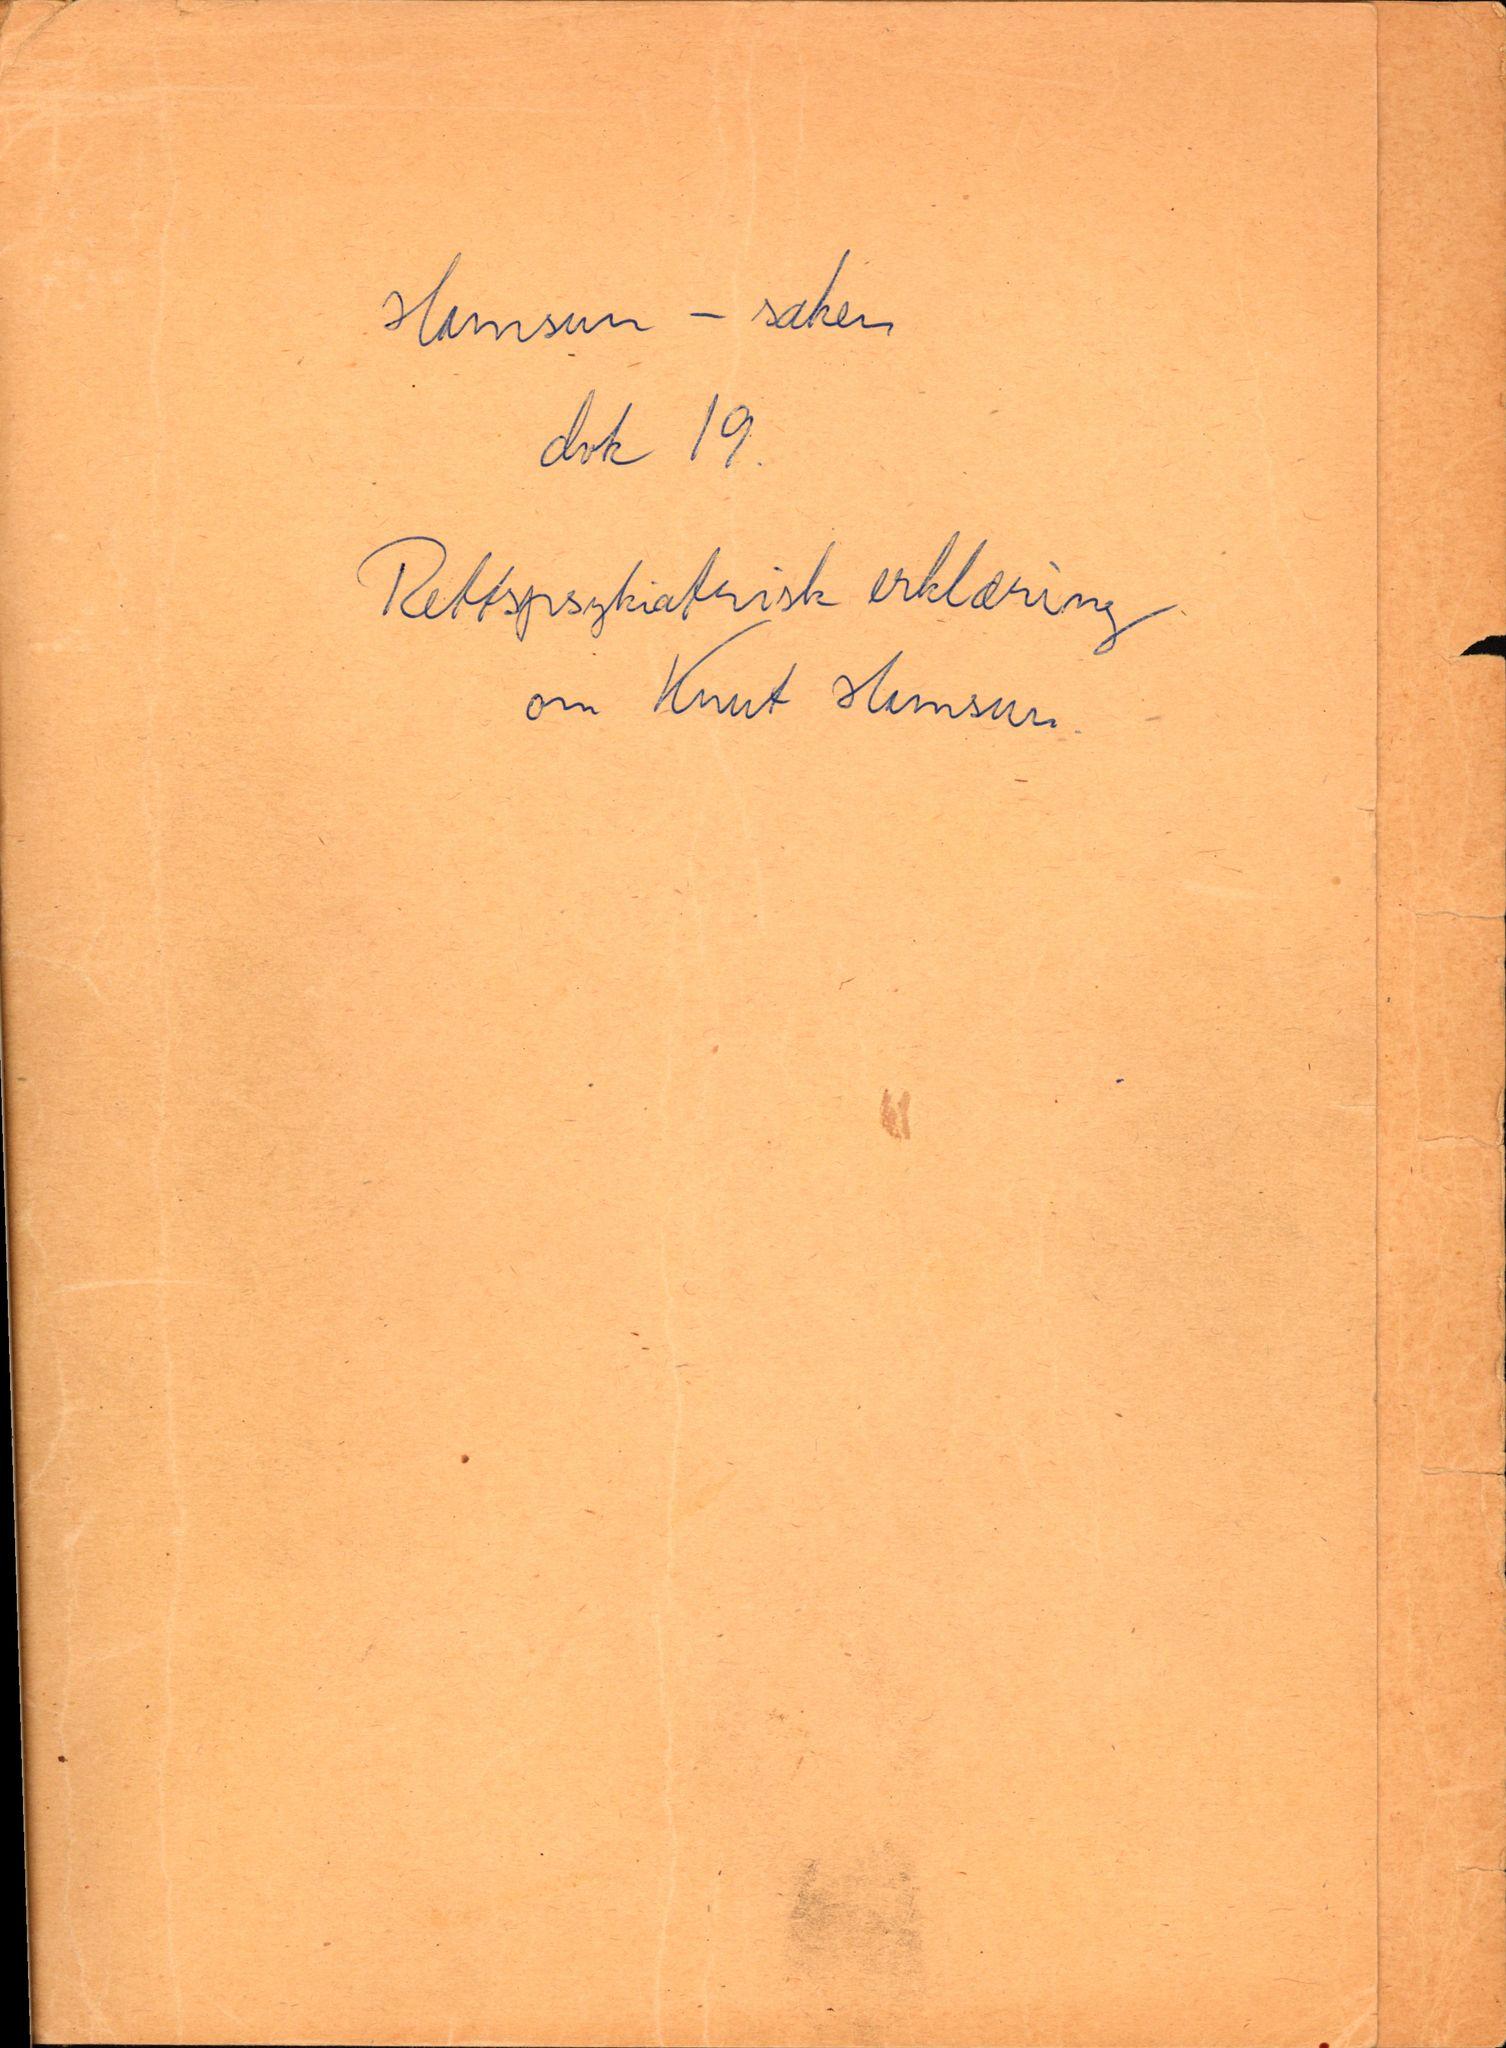 RA, Landssvikarkivet, Arendal politikammer, D/Dc/L0029: Anr. 192/45, 1945-1951, s. 125